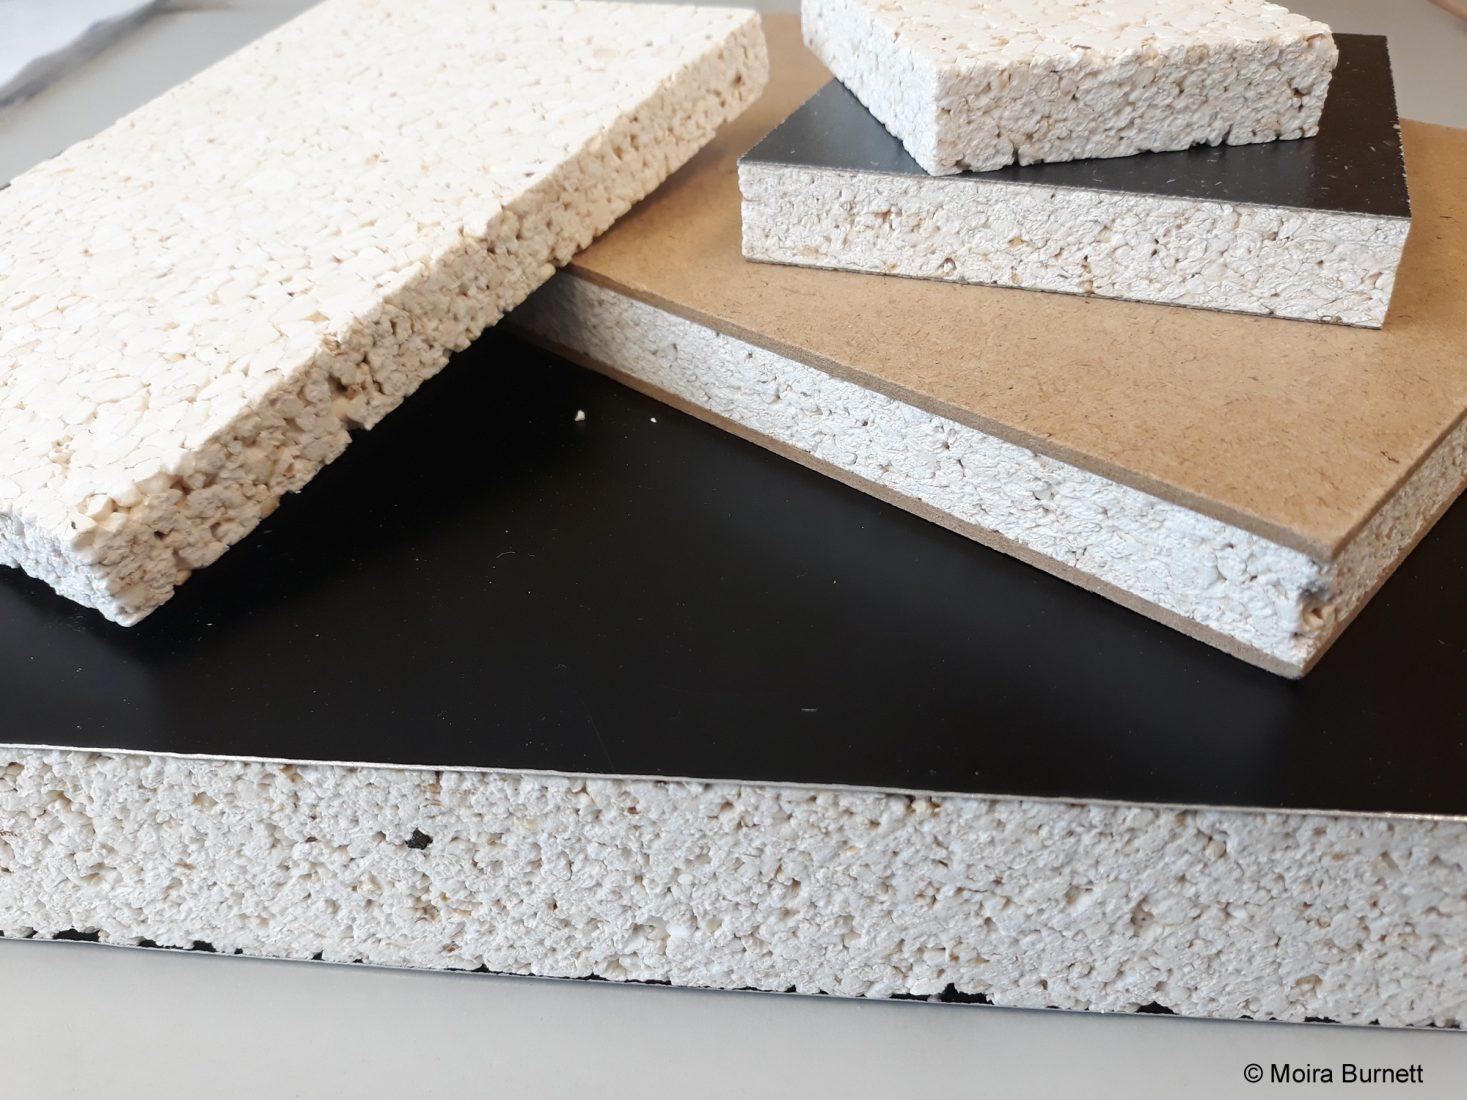 Die Popcorn-Sandwichplatten wurden unter anderem mit Decklagen aus Sperr- und Spanholz, Aluminium und HPL beschichtet. Foto: Moira Burnett